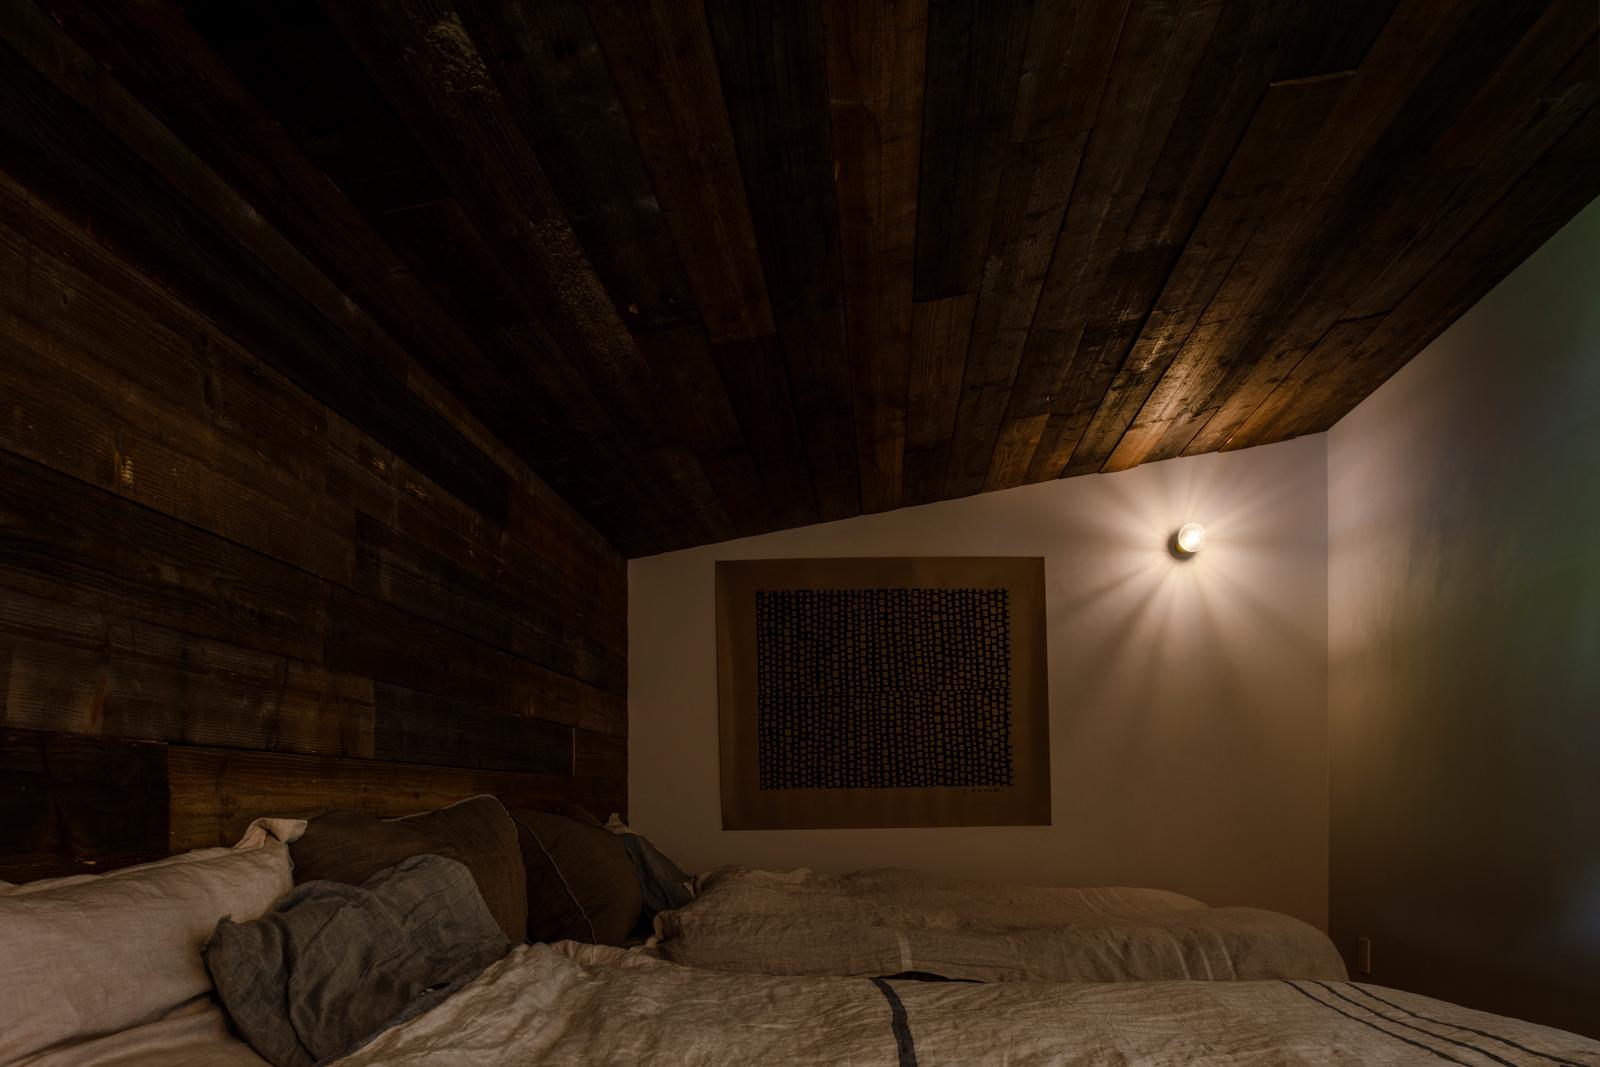 フランスの屋根裏部屋をイメージし、アンティーク加工を施した松材を天井に張った寝室。光沢が美しい壁は、大理石を混ぜたペンキで仕上げてある